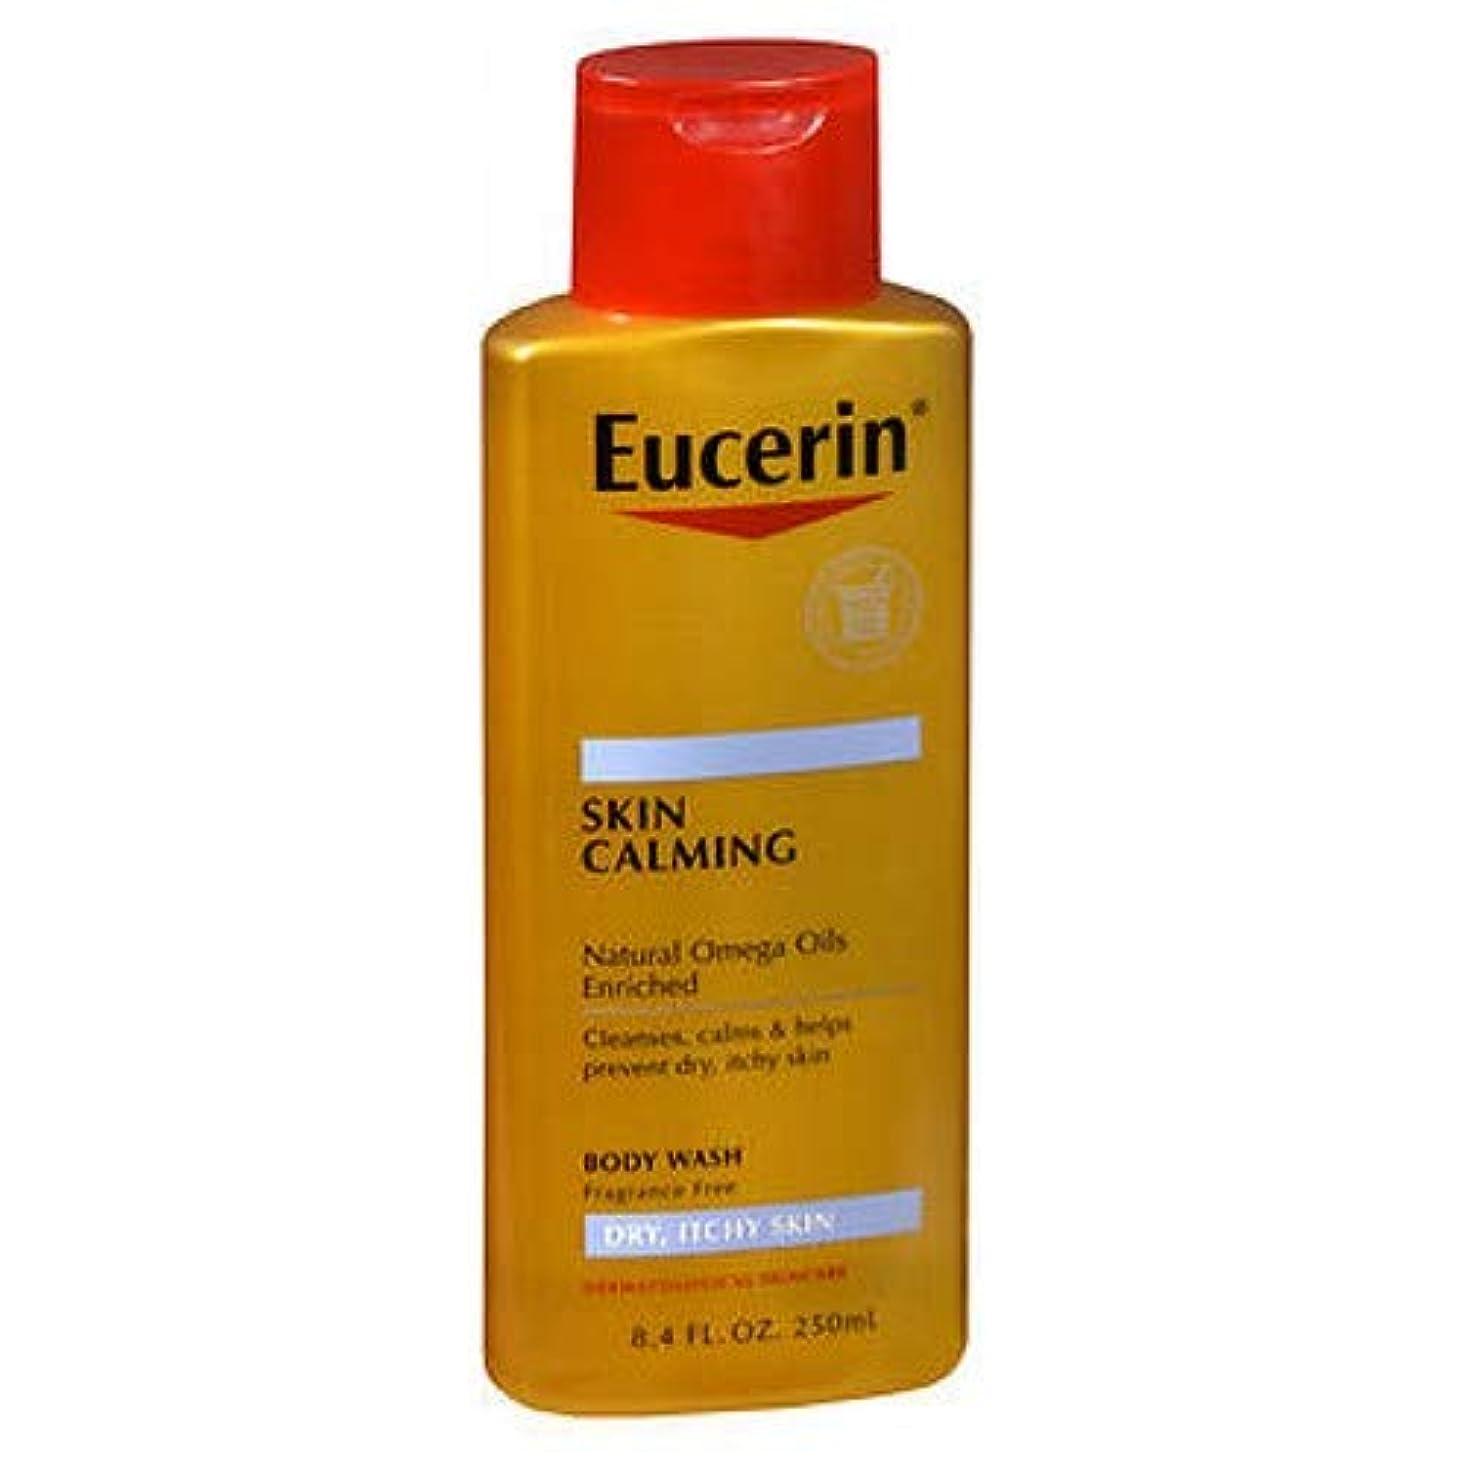 健康的ギャロップ校長ユーセリン スキン クライミング ボディーウォシュ 乾燥した肌、かゆみのある肌向け用 無香料 (250 ml) (並行輸入品)